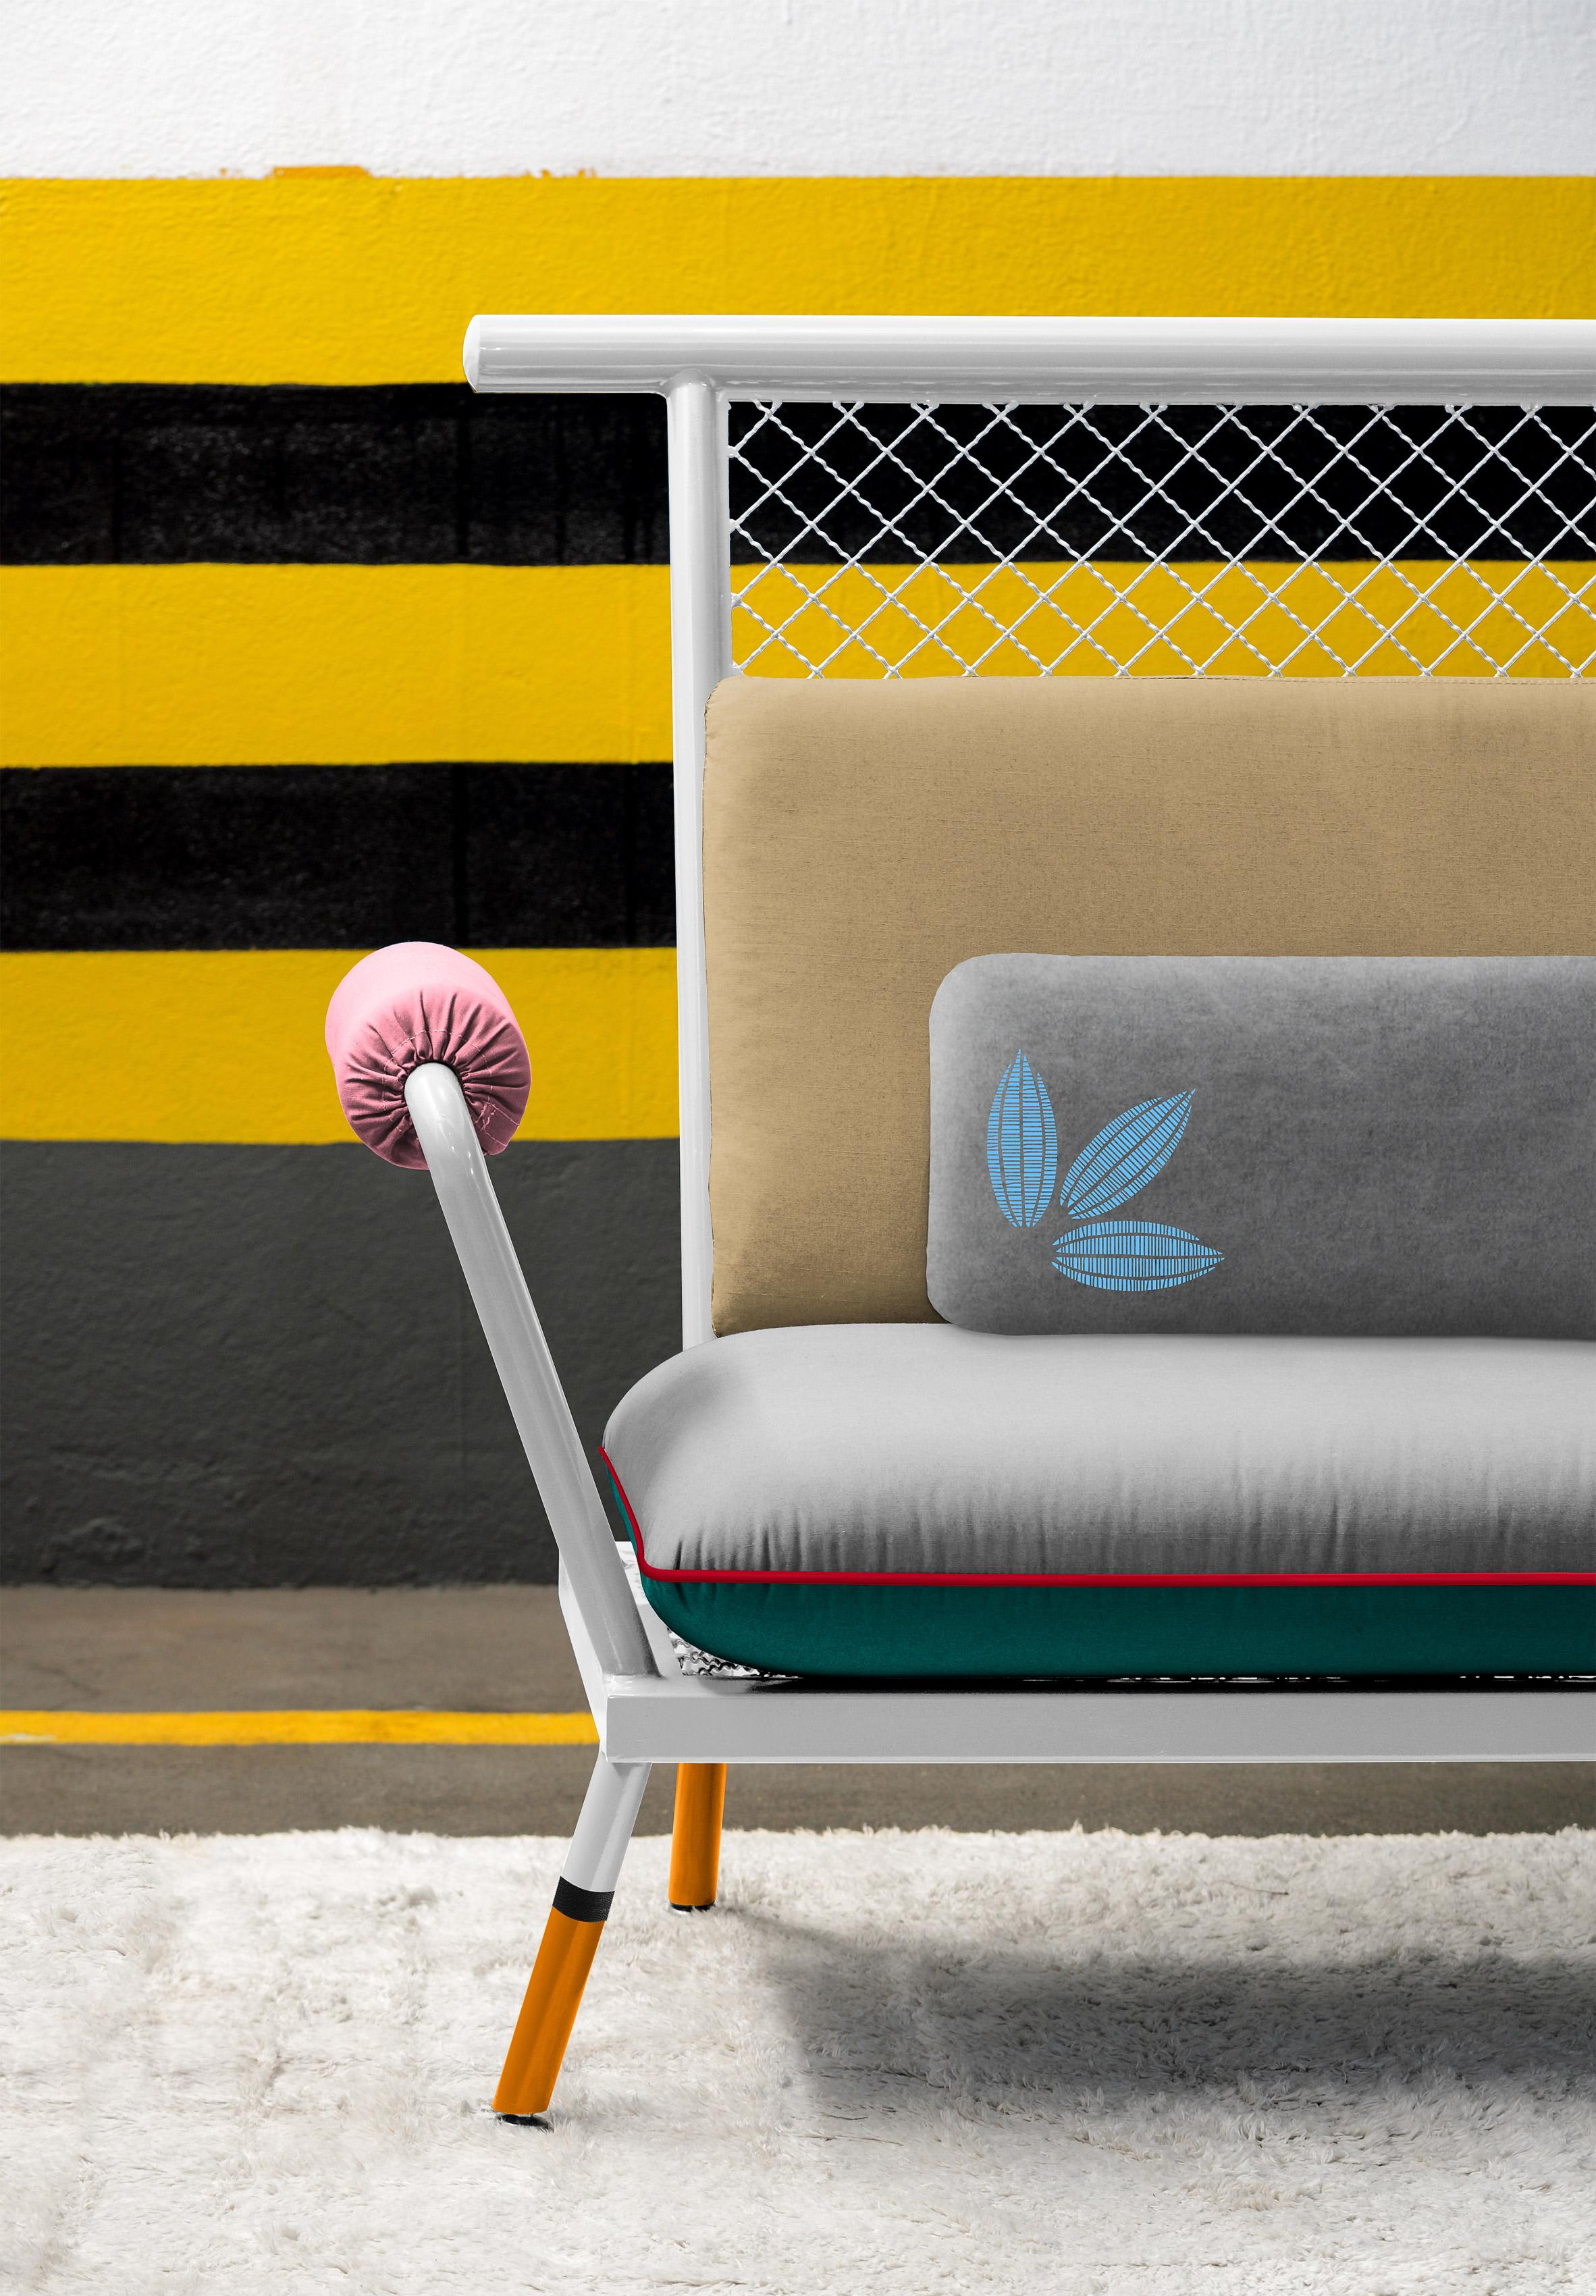 pk6-pk7-furnitures-signed-studio-paulo-kobylka-brasil_dezeen_2364_col_3